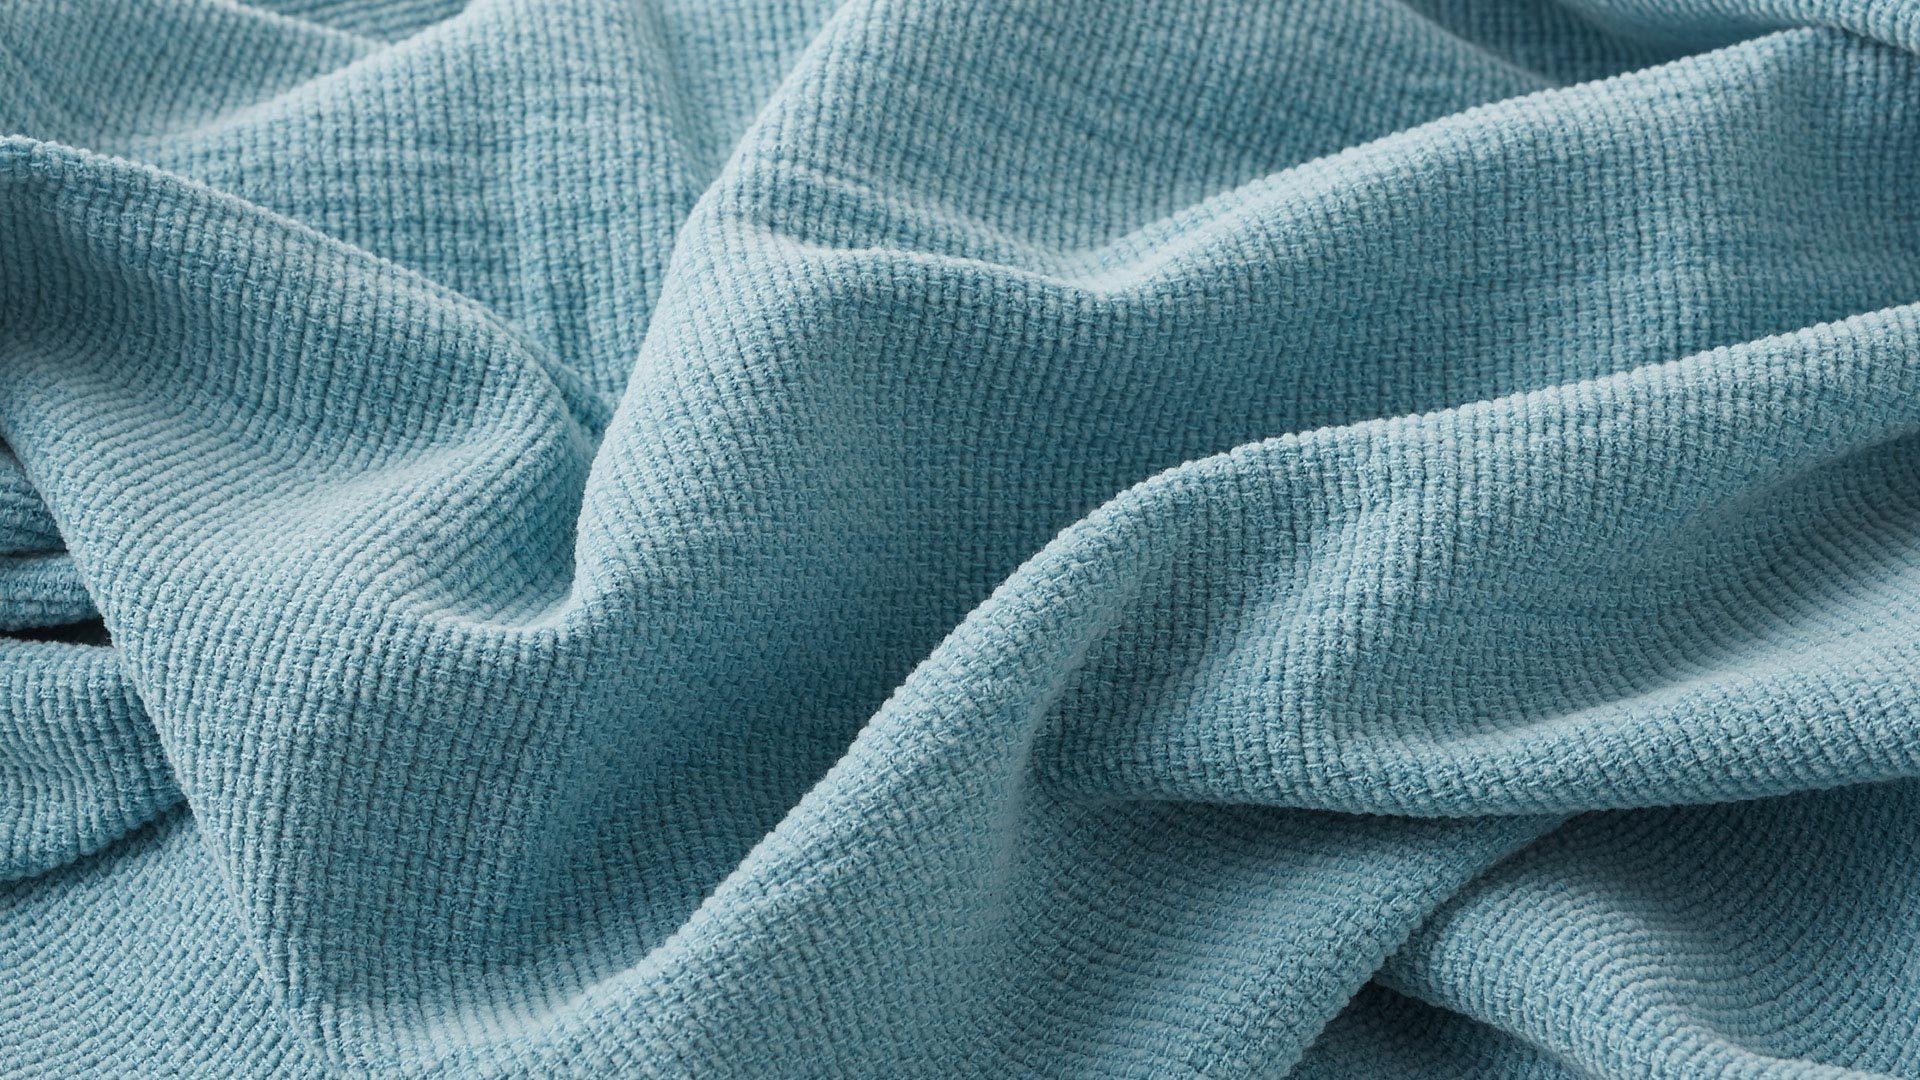 精选80%纯棉与20%环保黏胶纤维<br/>透气亲肤,源于天然优于天然